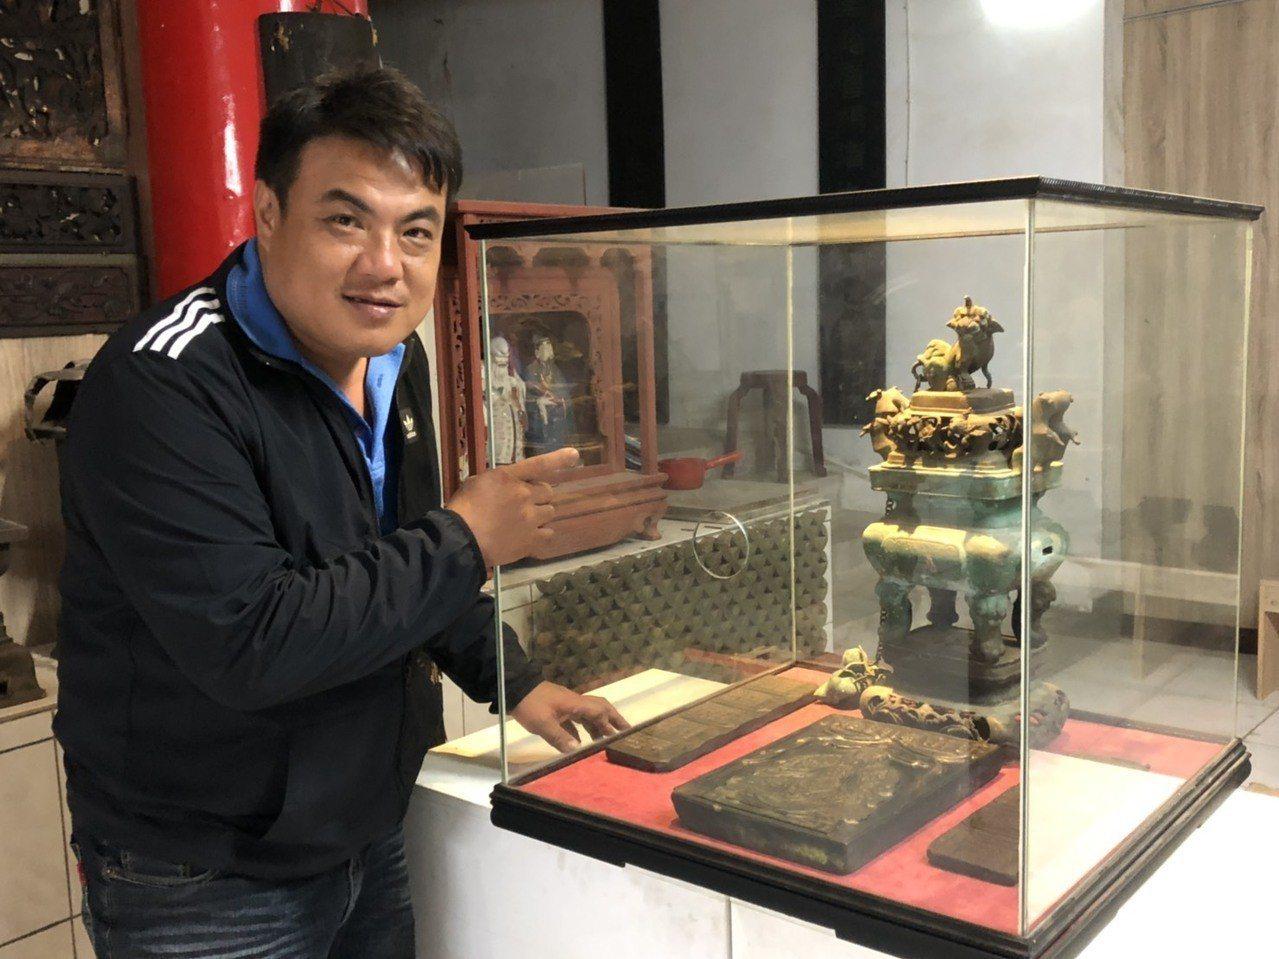 金城鎮長李誠智介紹,此次展出的珍貴文物還有「敕封顯佑伯符板」為一長方形木拓板,是...